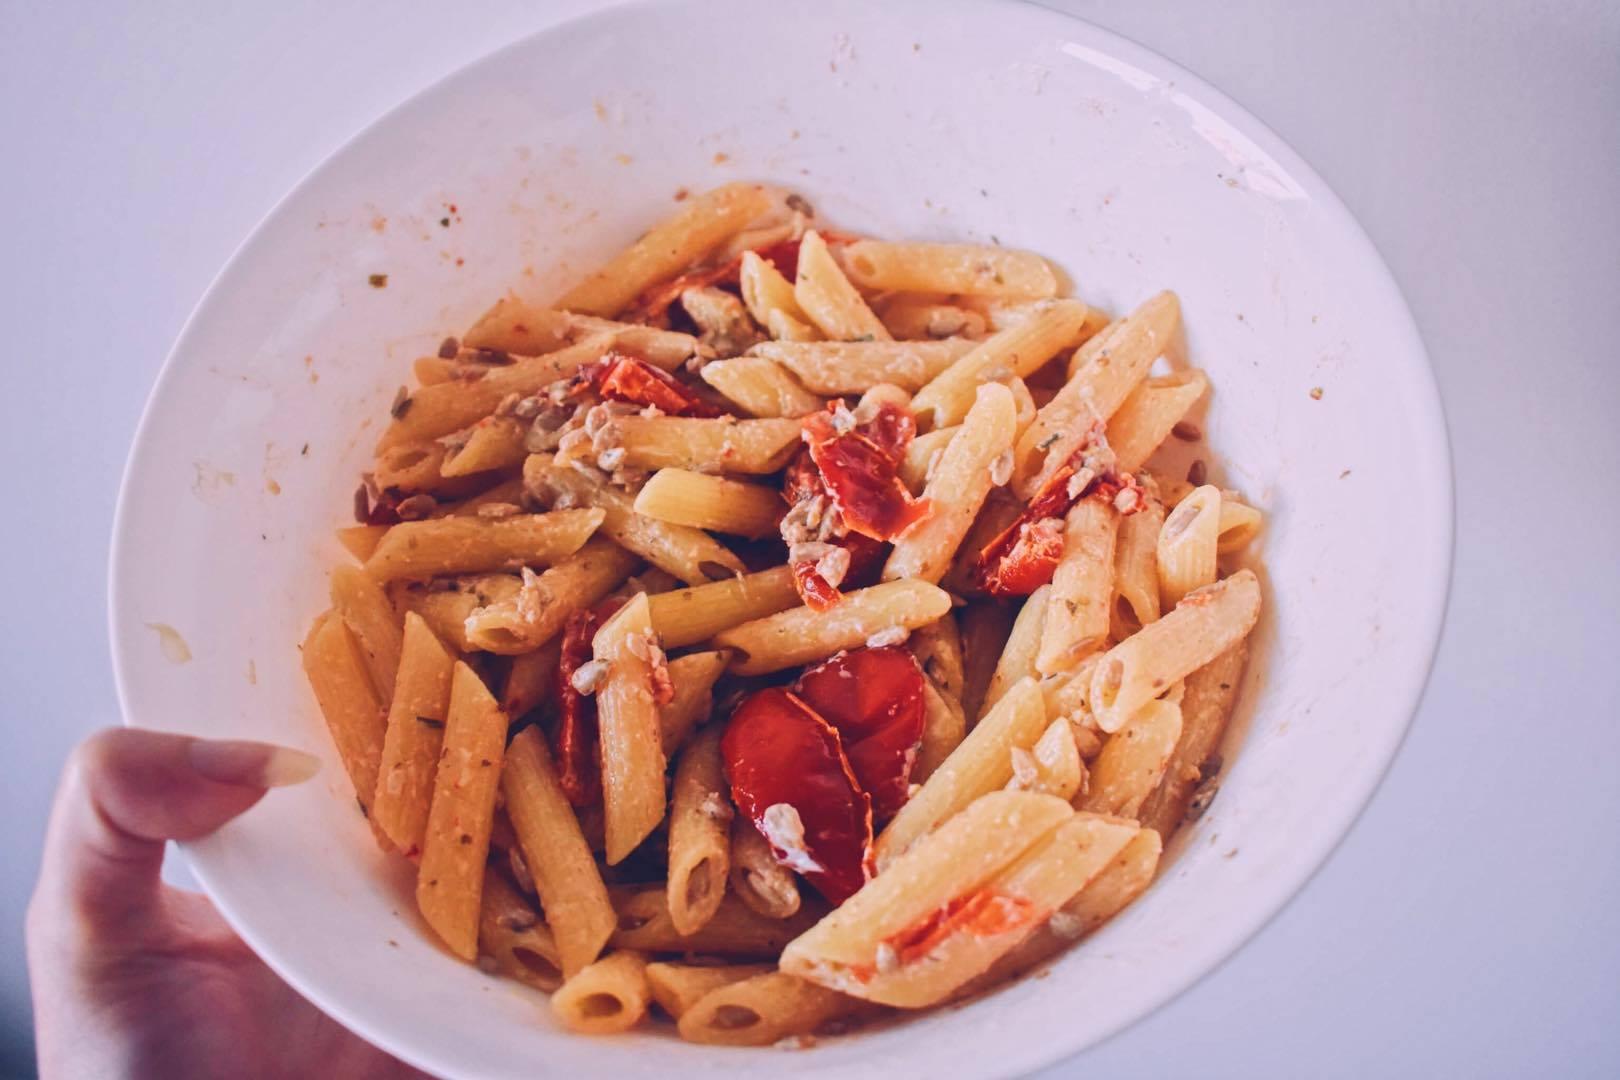 Pasta met zongedroogde tomaatjes, roomkaas en zonnebloempitten gemengd in een witte kom.